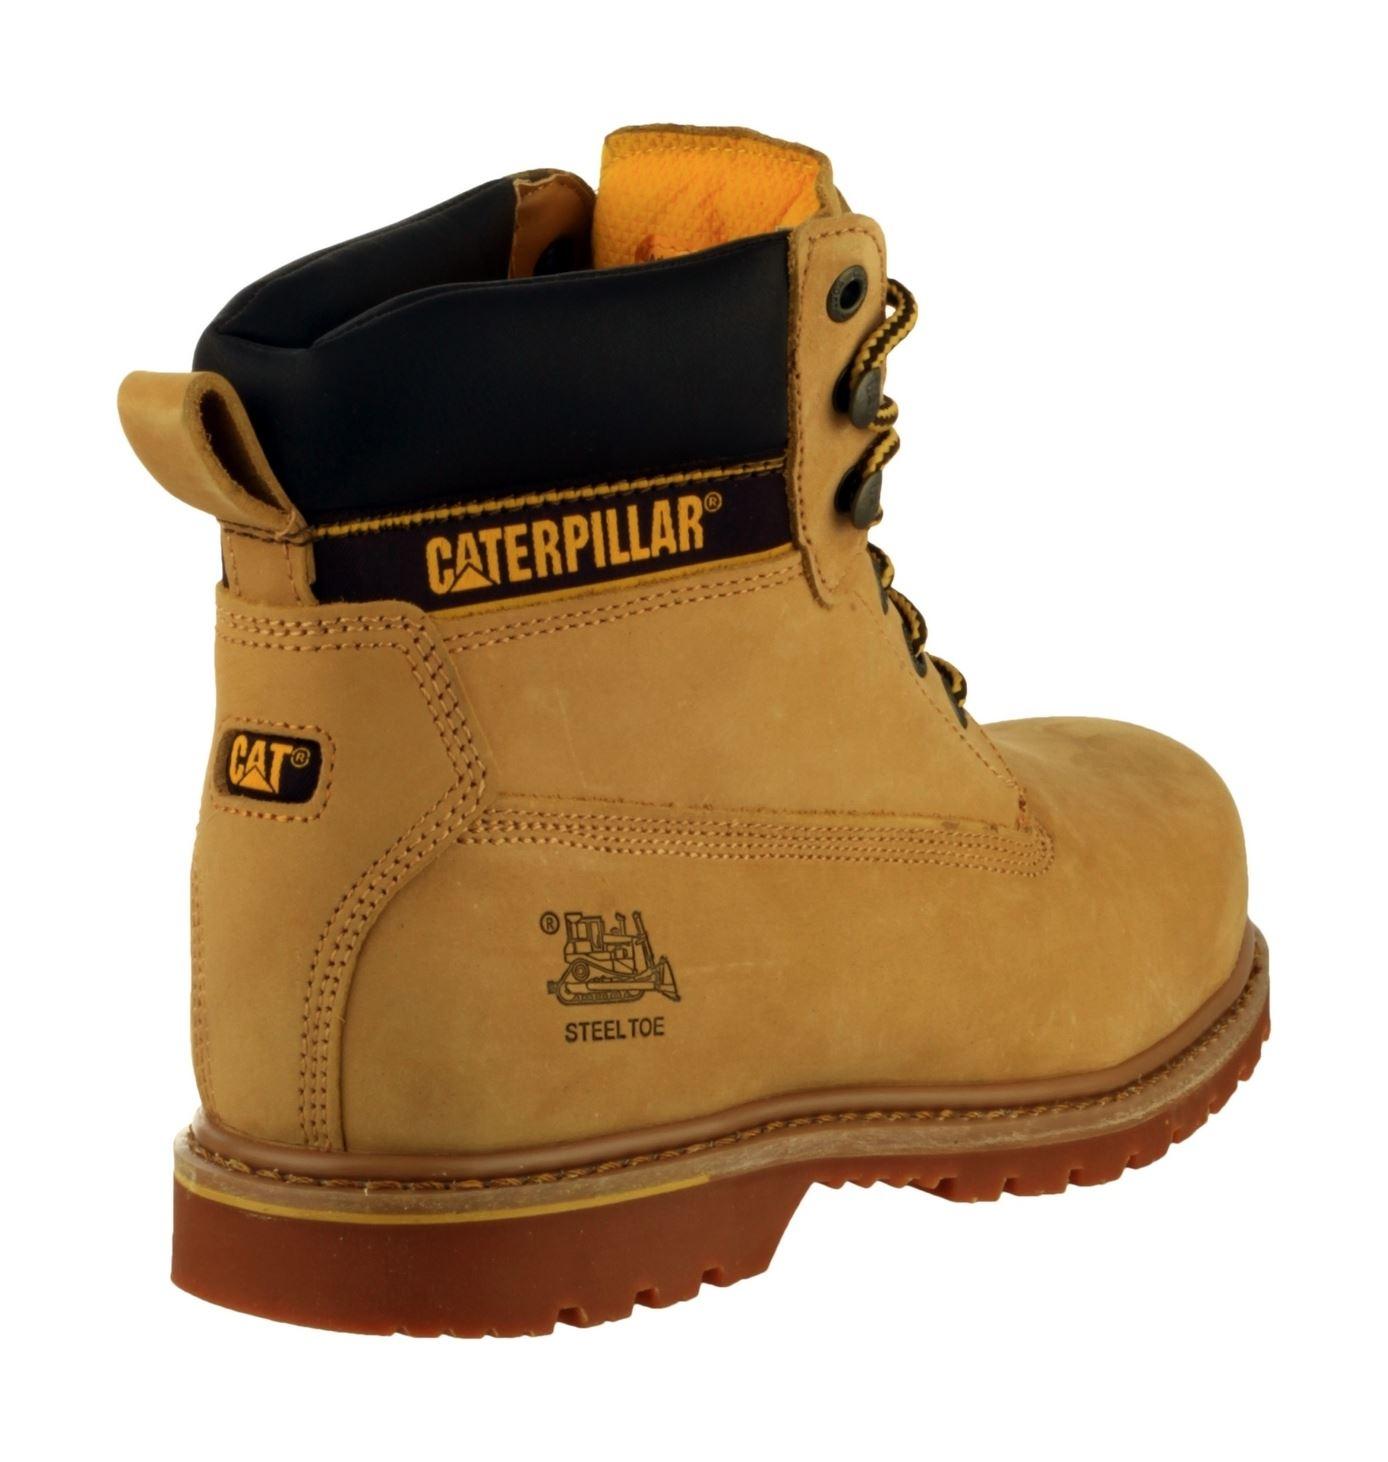 Zapatos y botas de seguridad hombres for Calzado de seguridad bricomart